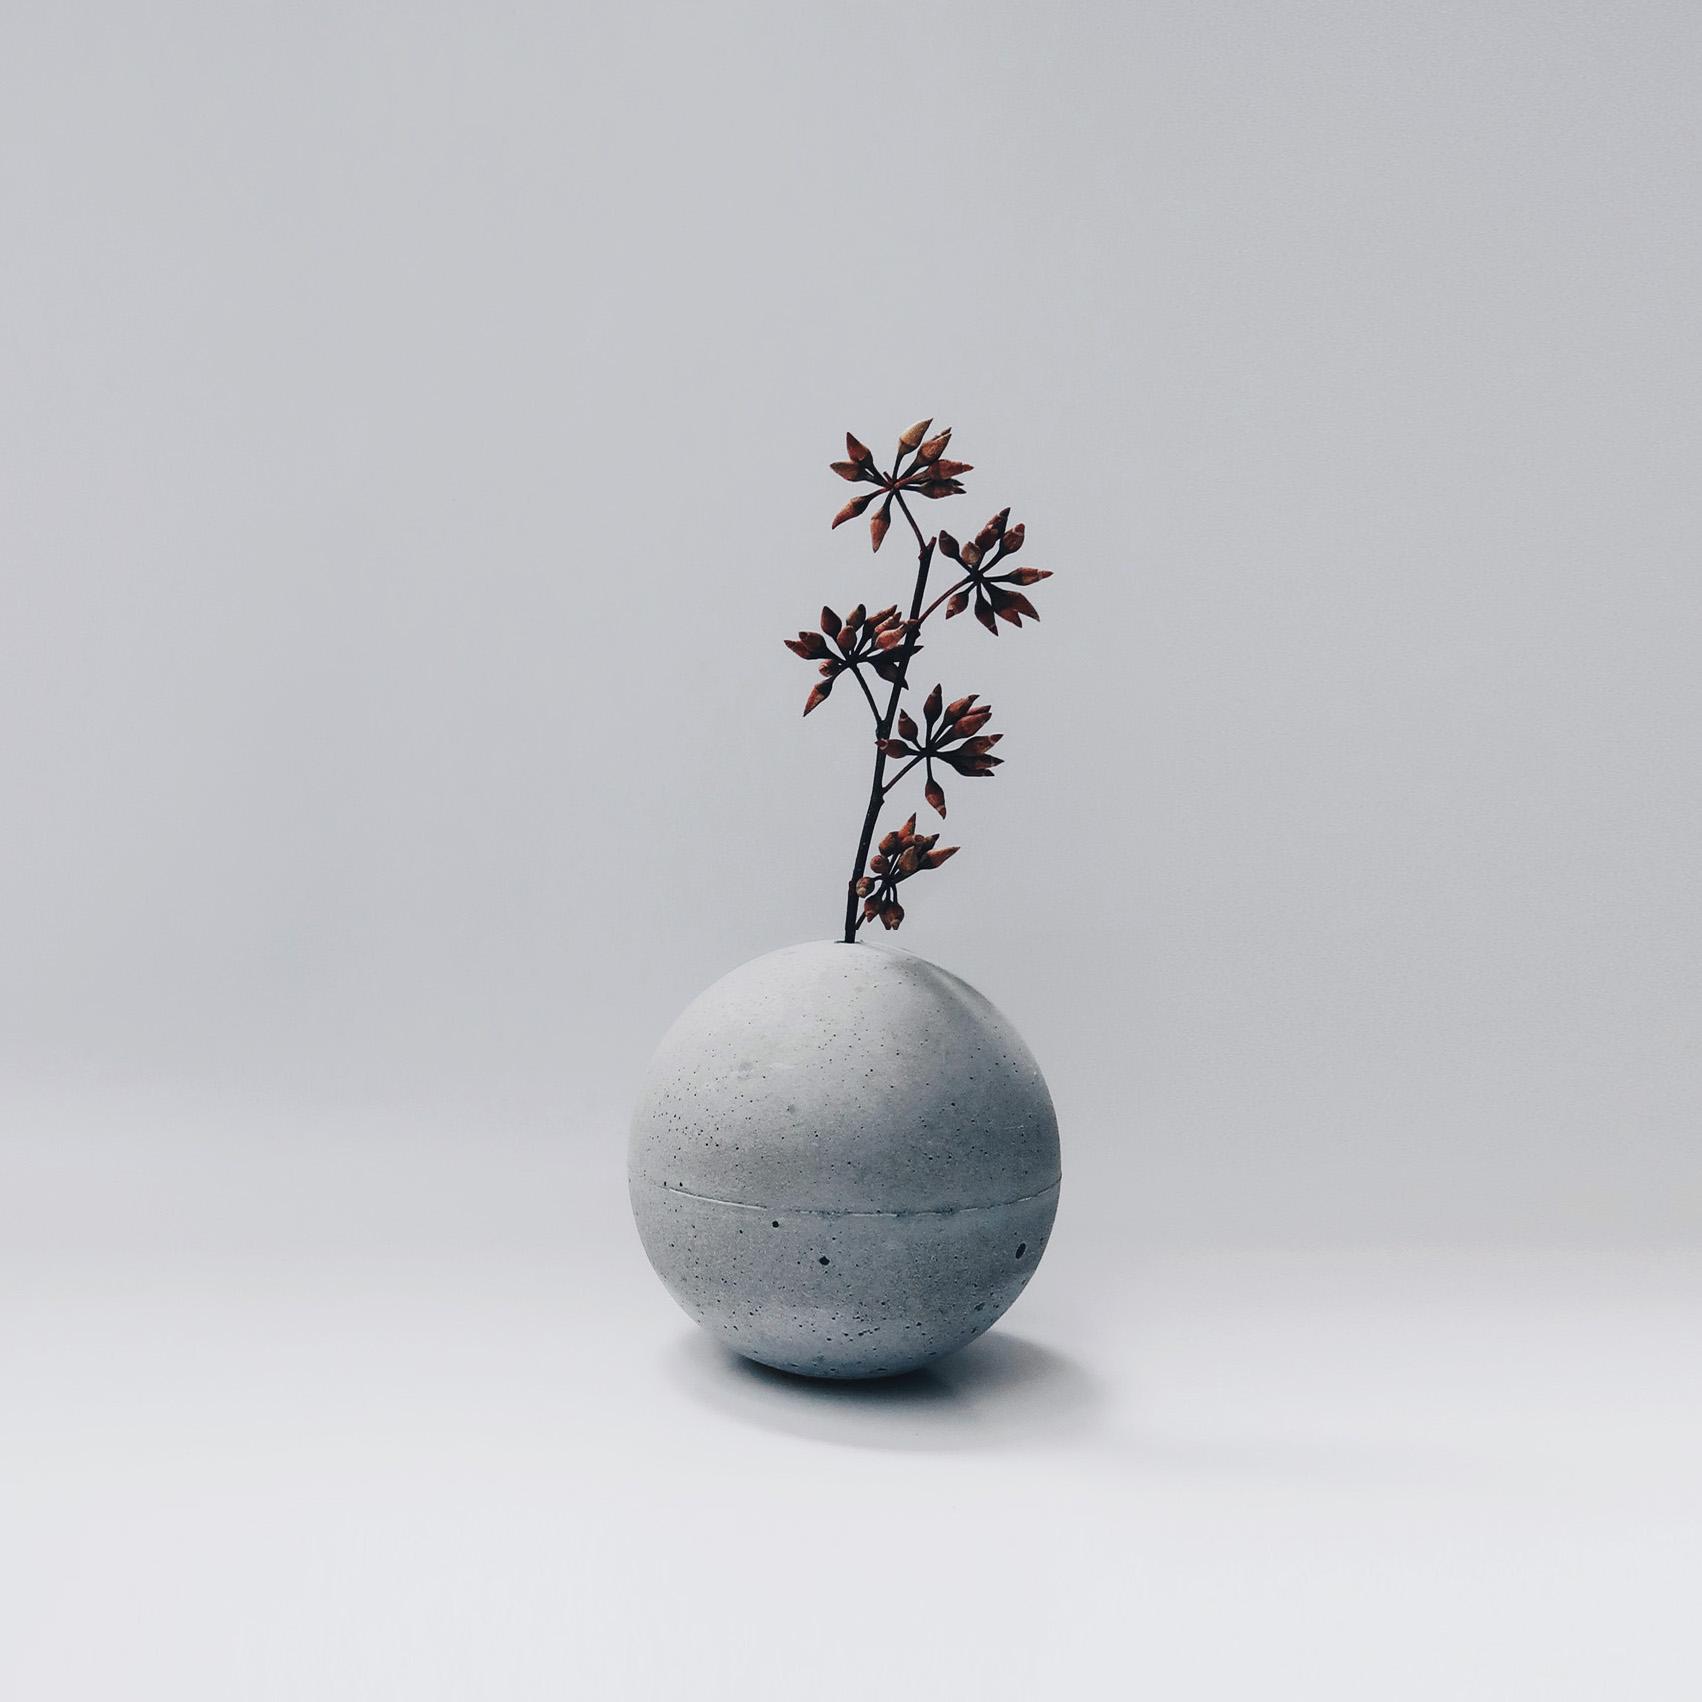 PLANET 水泥家飾・居家擺飾・植物生活・設計禮物